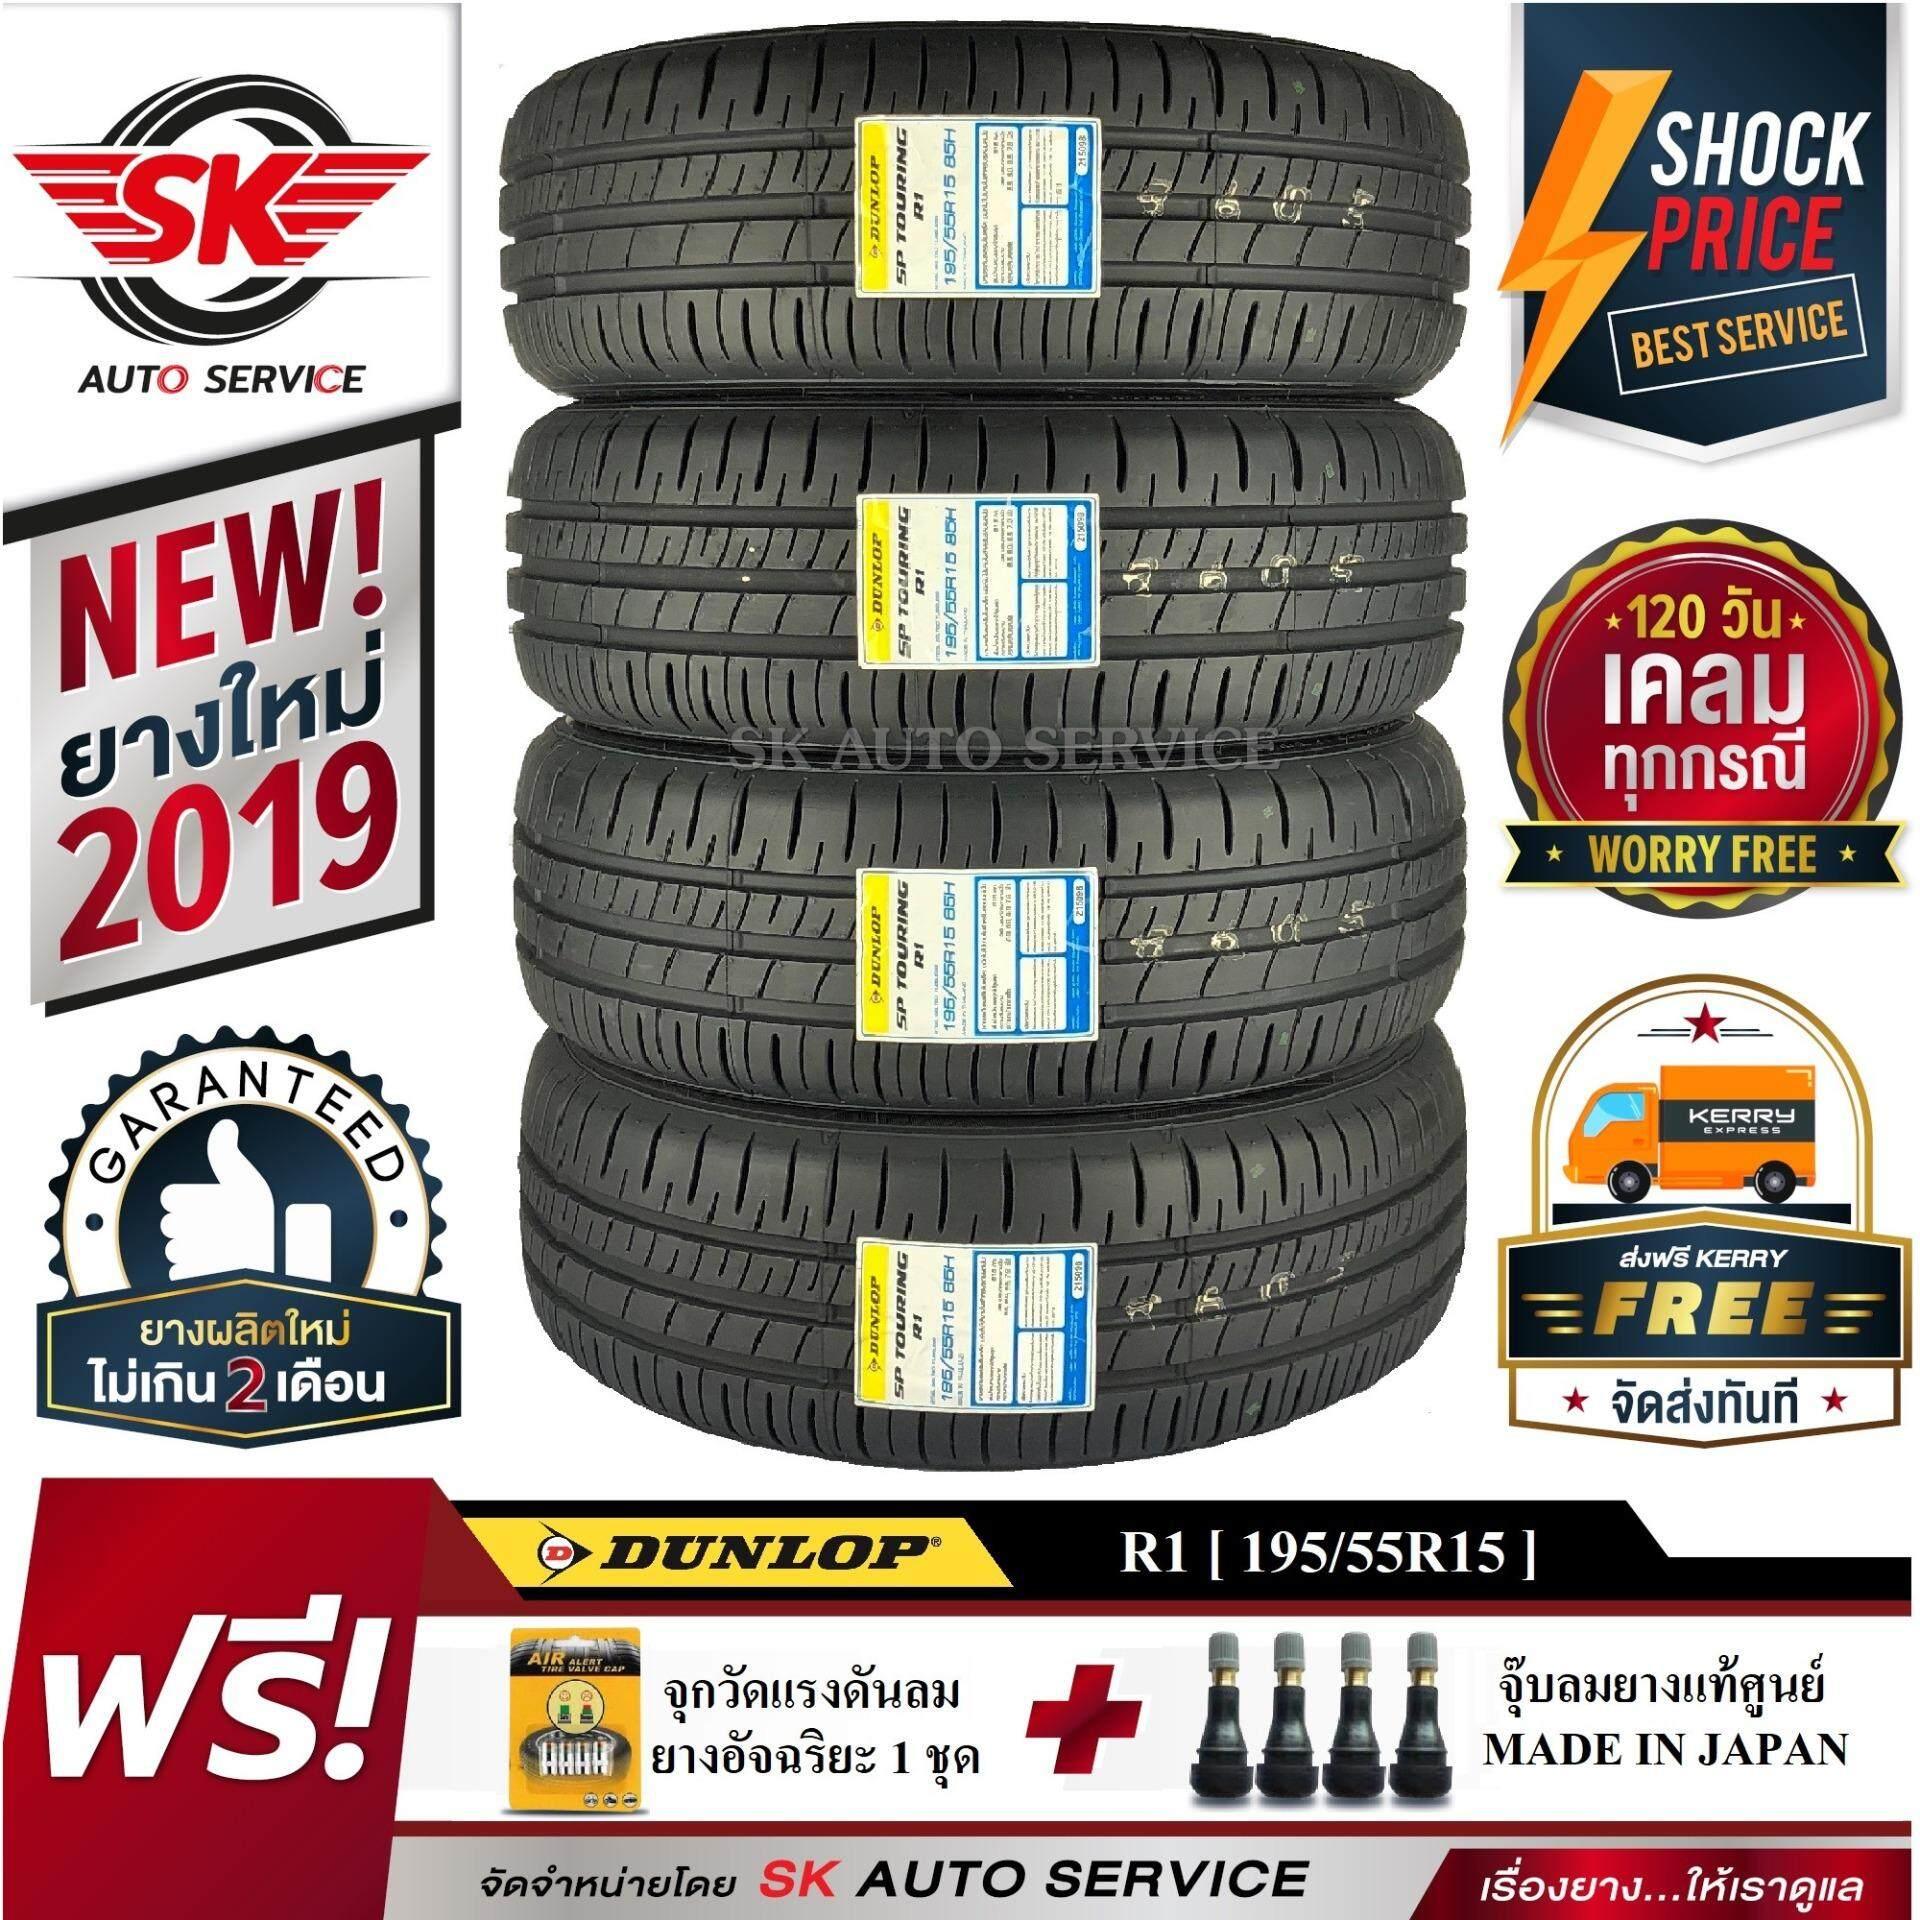 ประกันภัย รถยนต์ แบบ ผ่อน ได้ ขอนแก่น ยางรถยนต์ DUNLOP 195/55R15 (ล้อขอบ15) รุ่น NEW TOURING R1 4 เส้น (ยางใหม่ปี 2019)